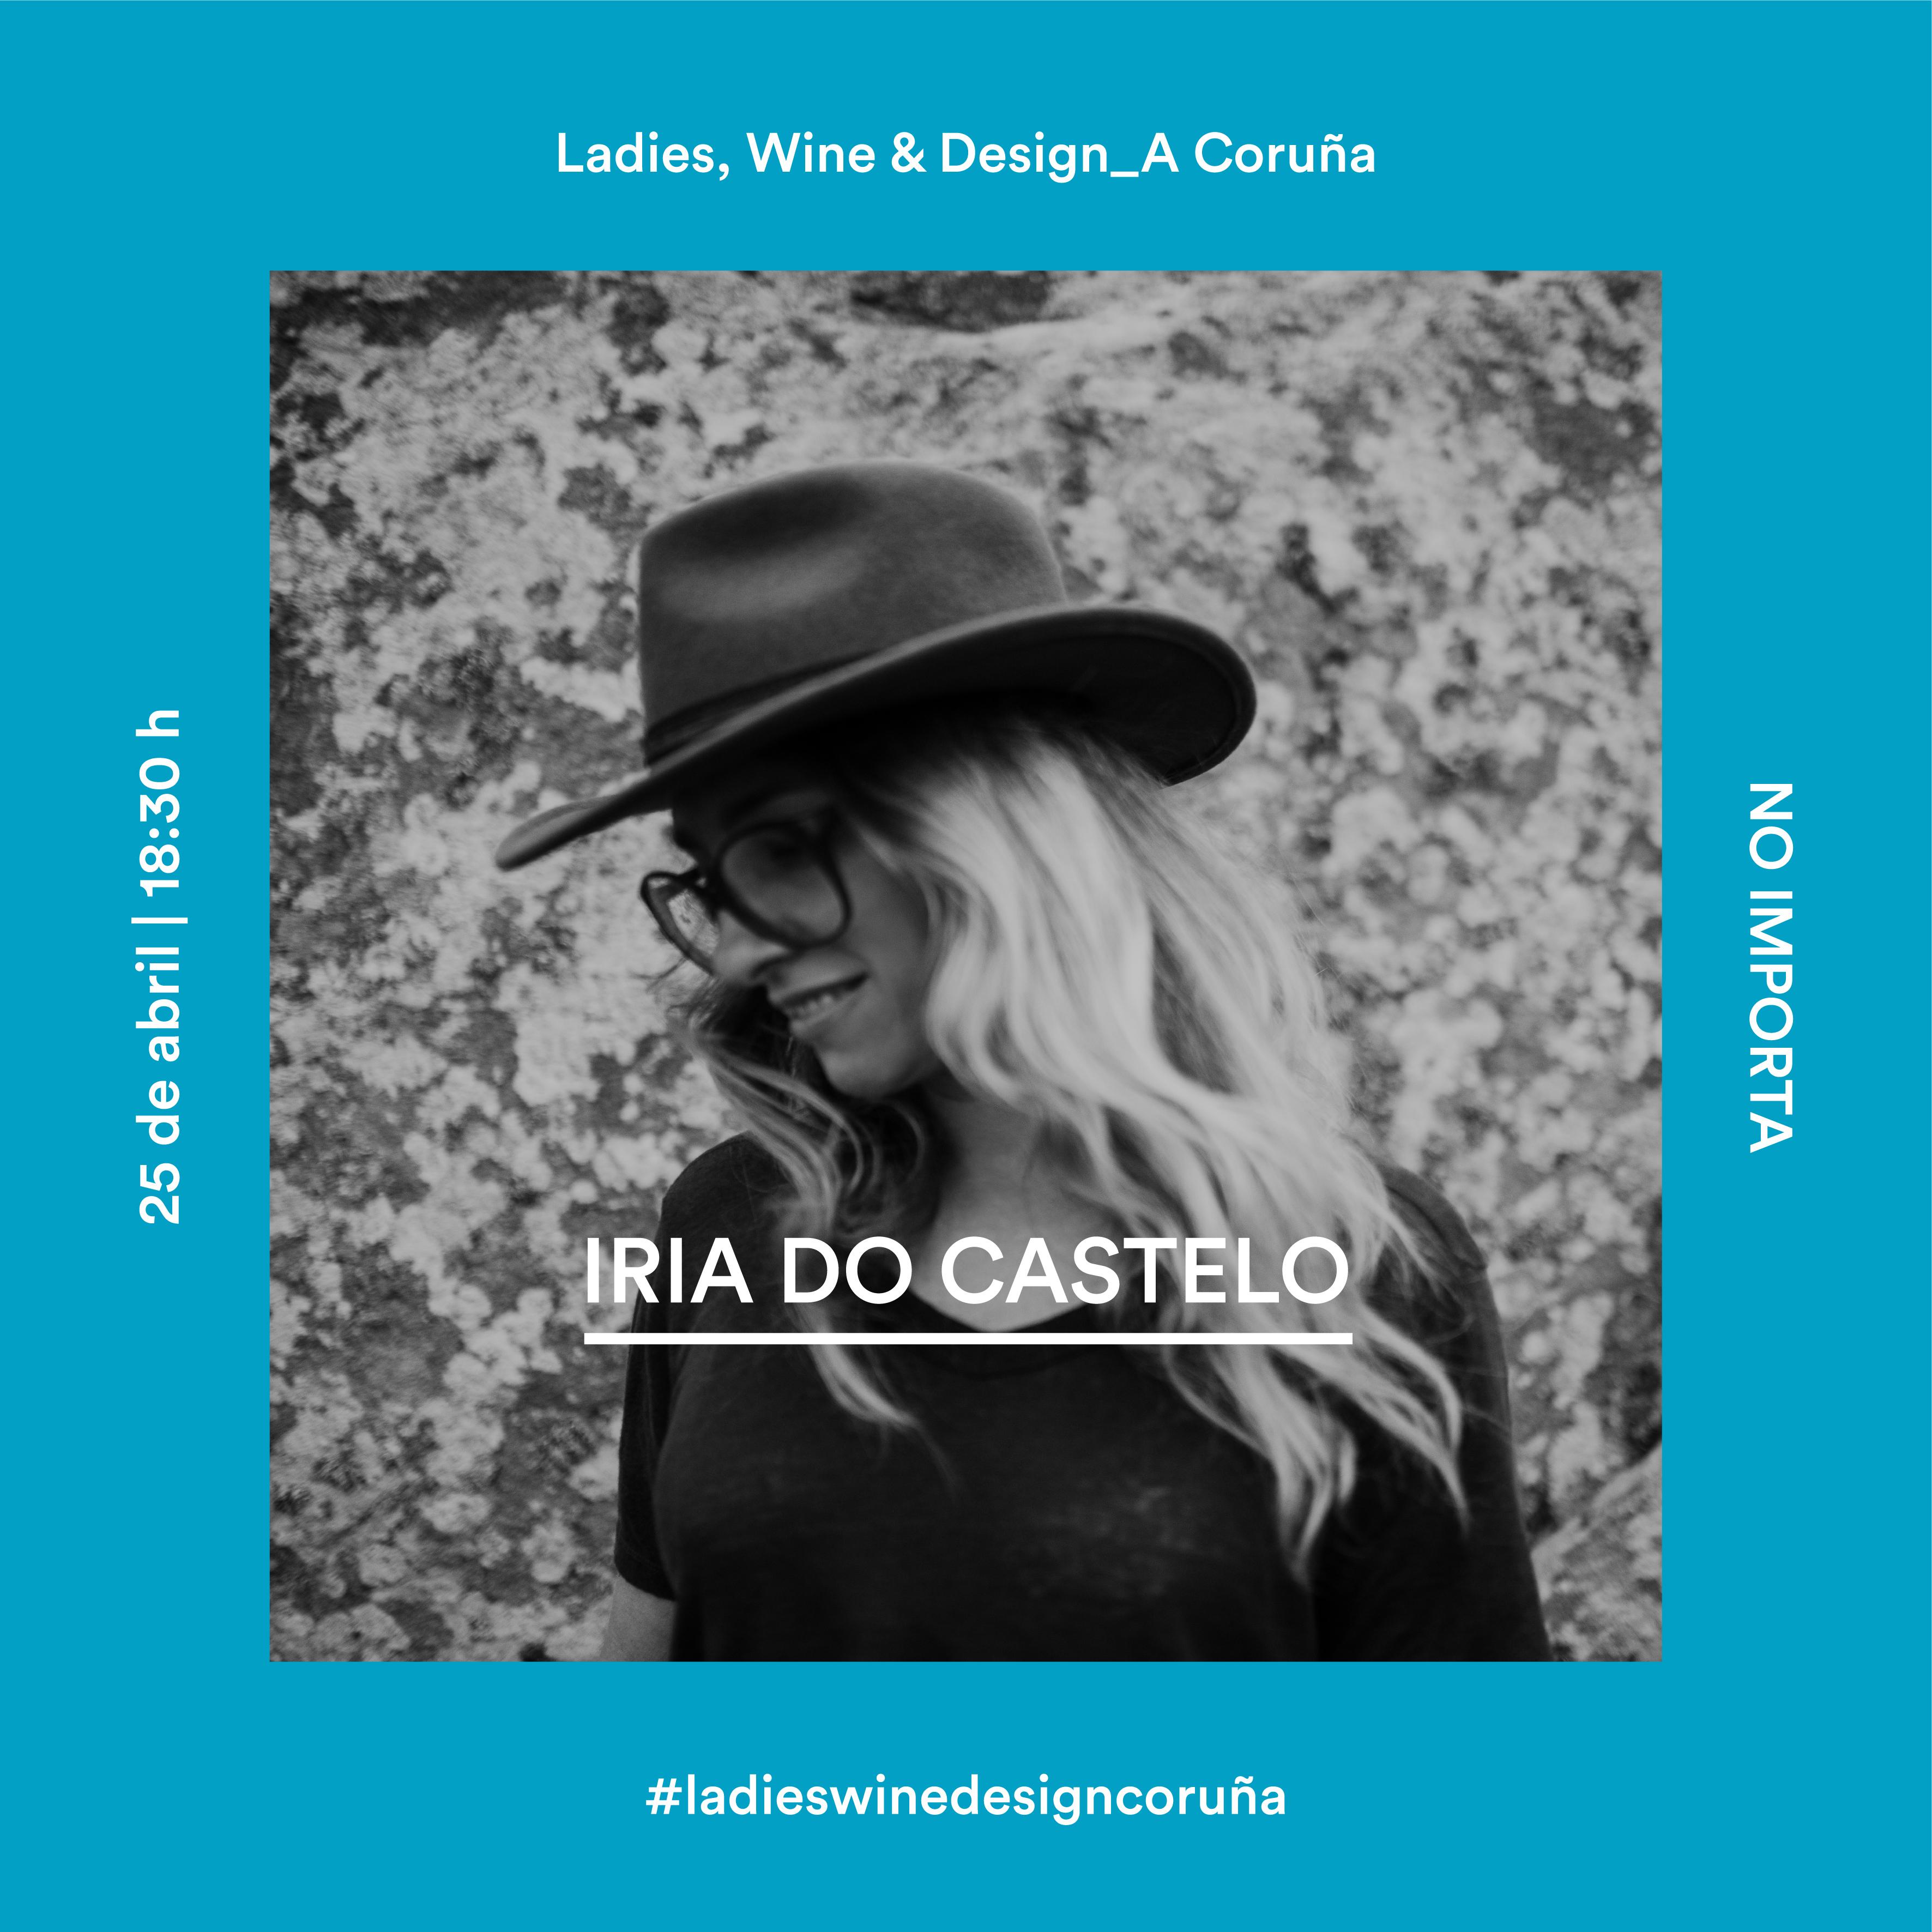 LWD_190425 Iria do Castelo-01